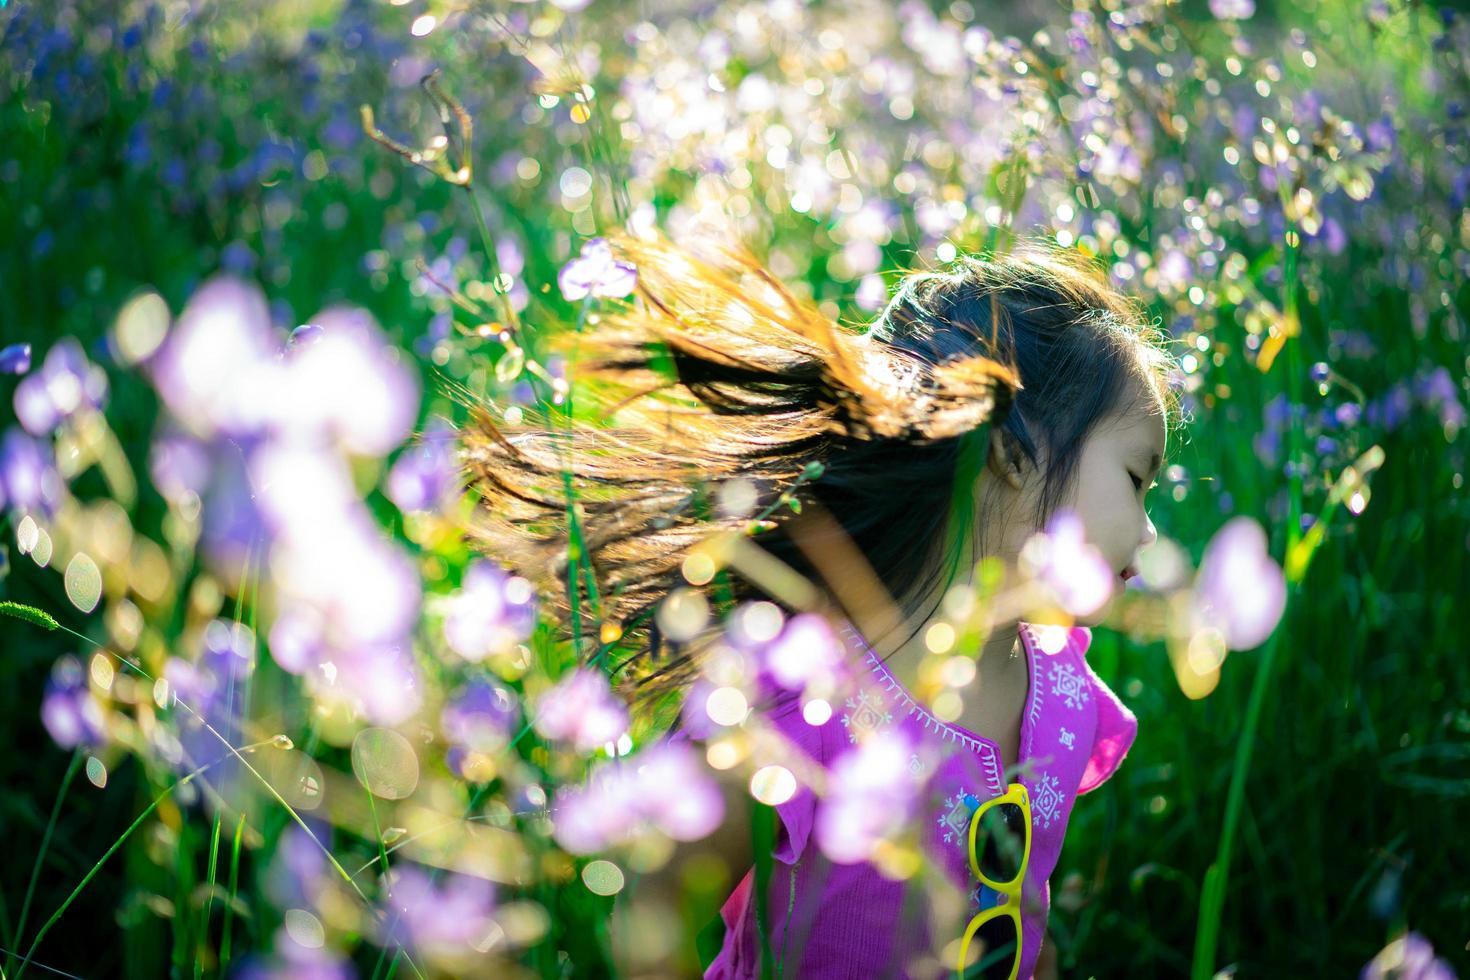 jeune fille asiatique dans un champ de fleurs photo